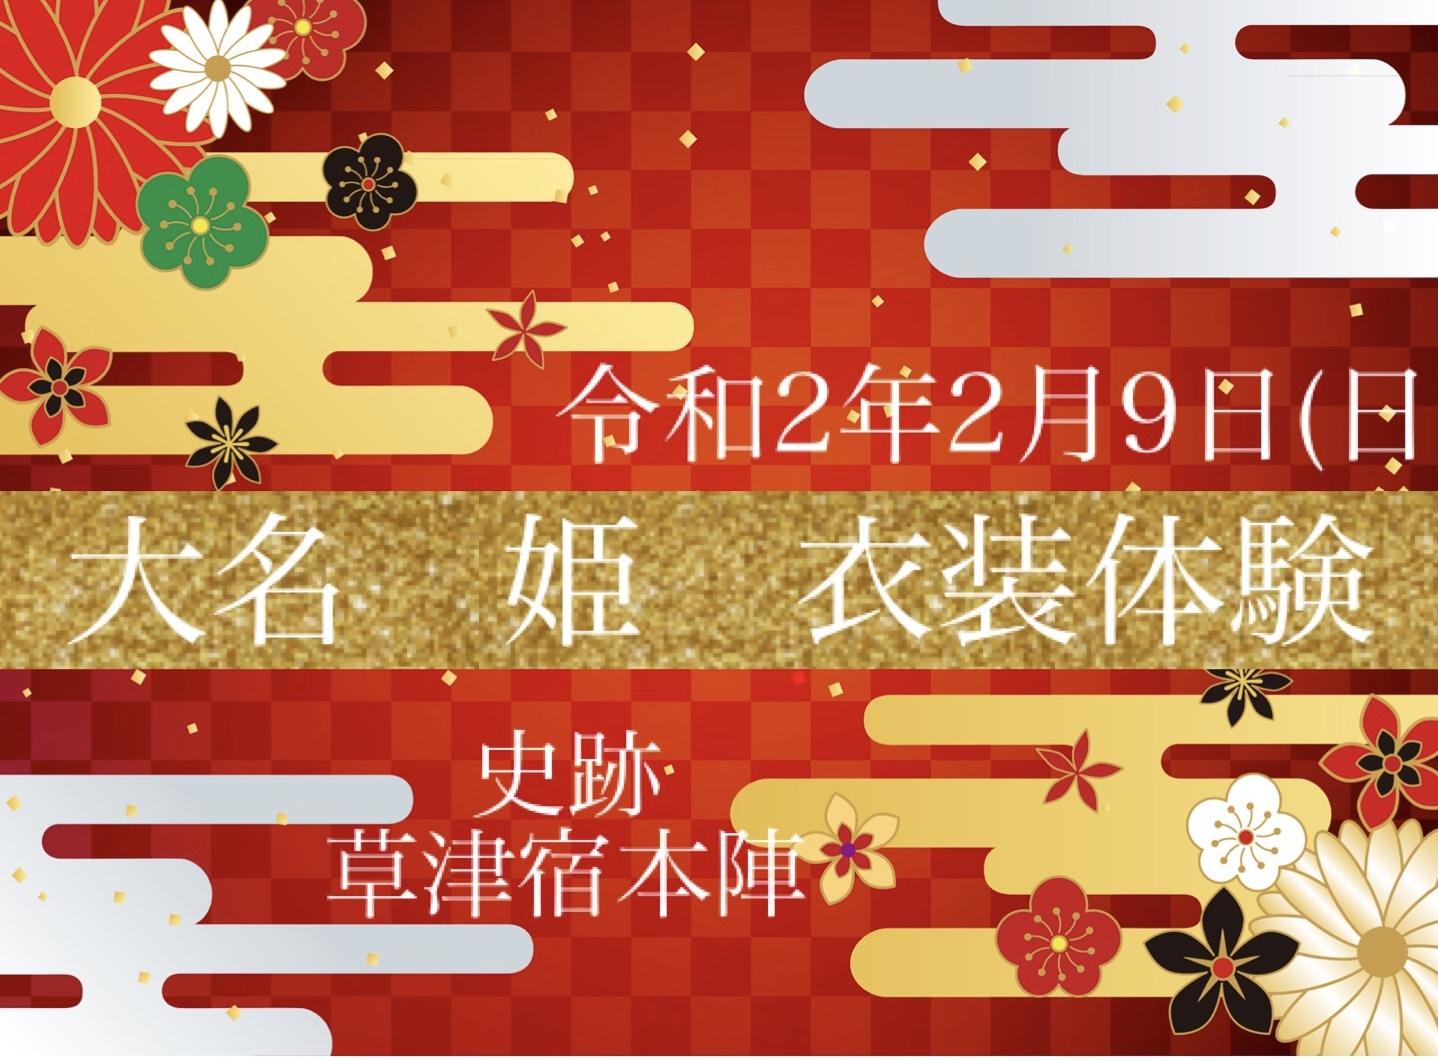 【2/9】豪華な衣装で優雅な時間を 大名・姫 衣装体験【史跡草津宿本陣】簡単コース200円・豪華コース500円♪